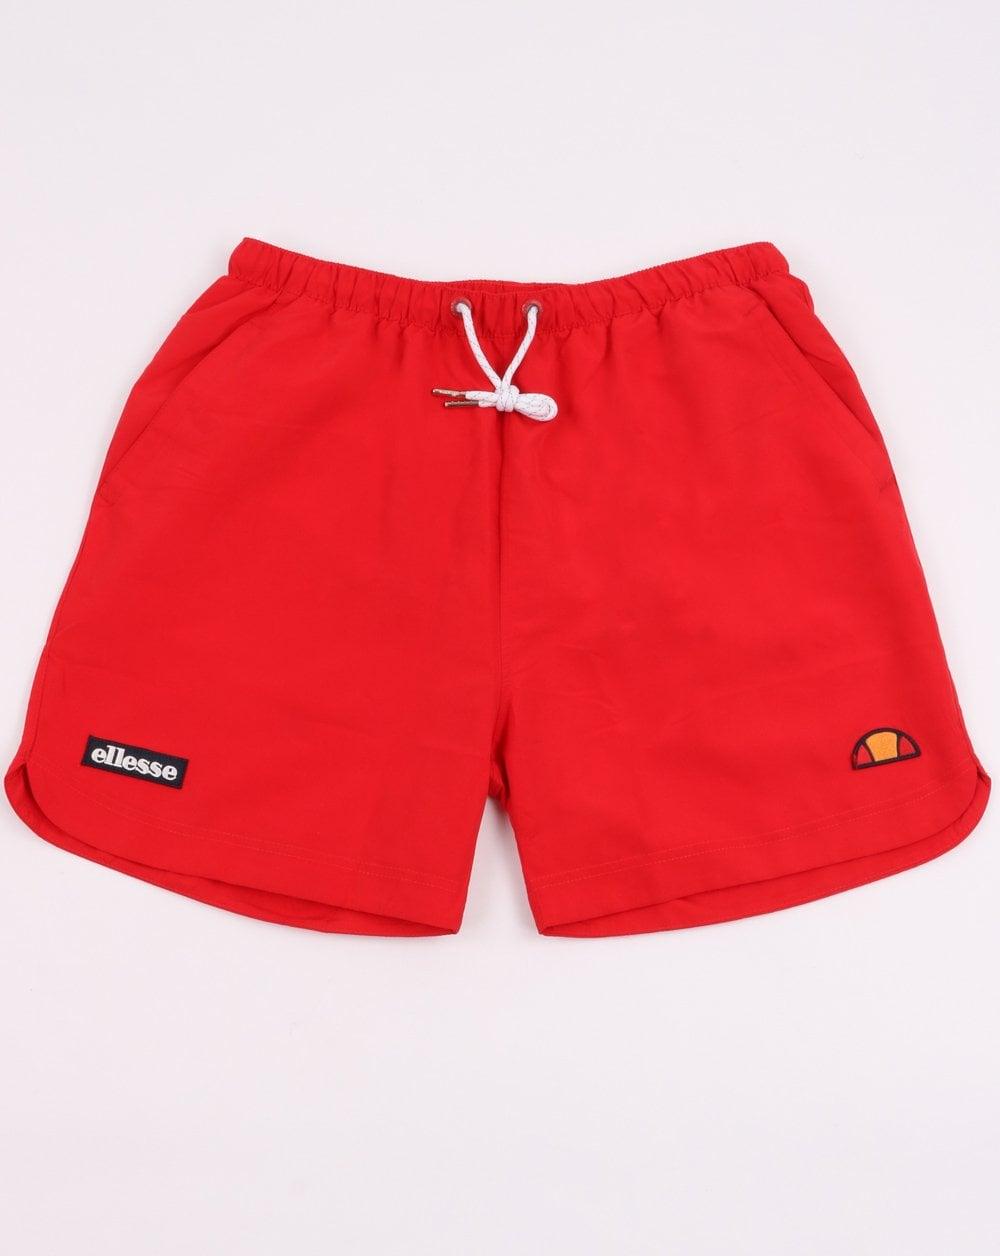 9723a9cbb5 Ellesse Verdo Swim Shorts in Red | 80s Casual Classics